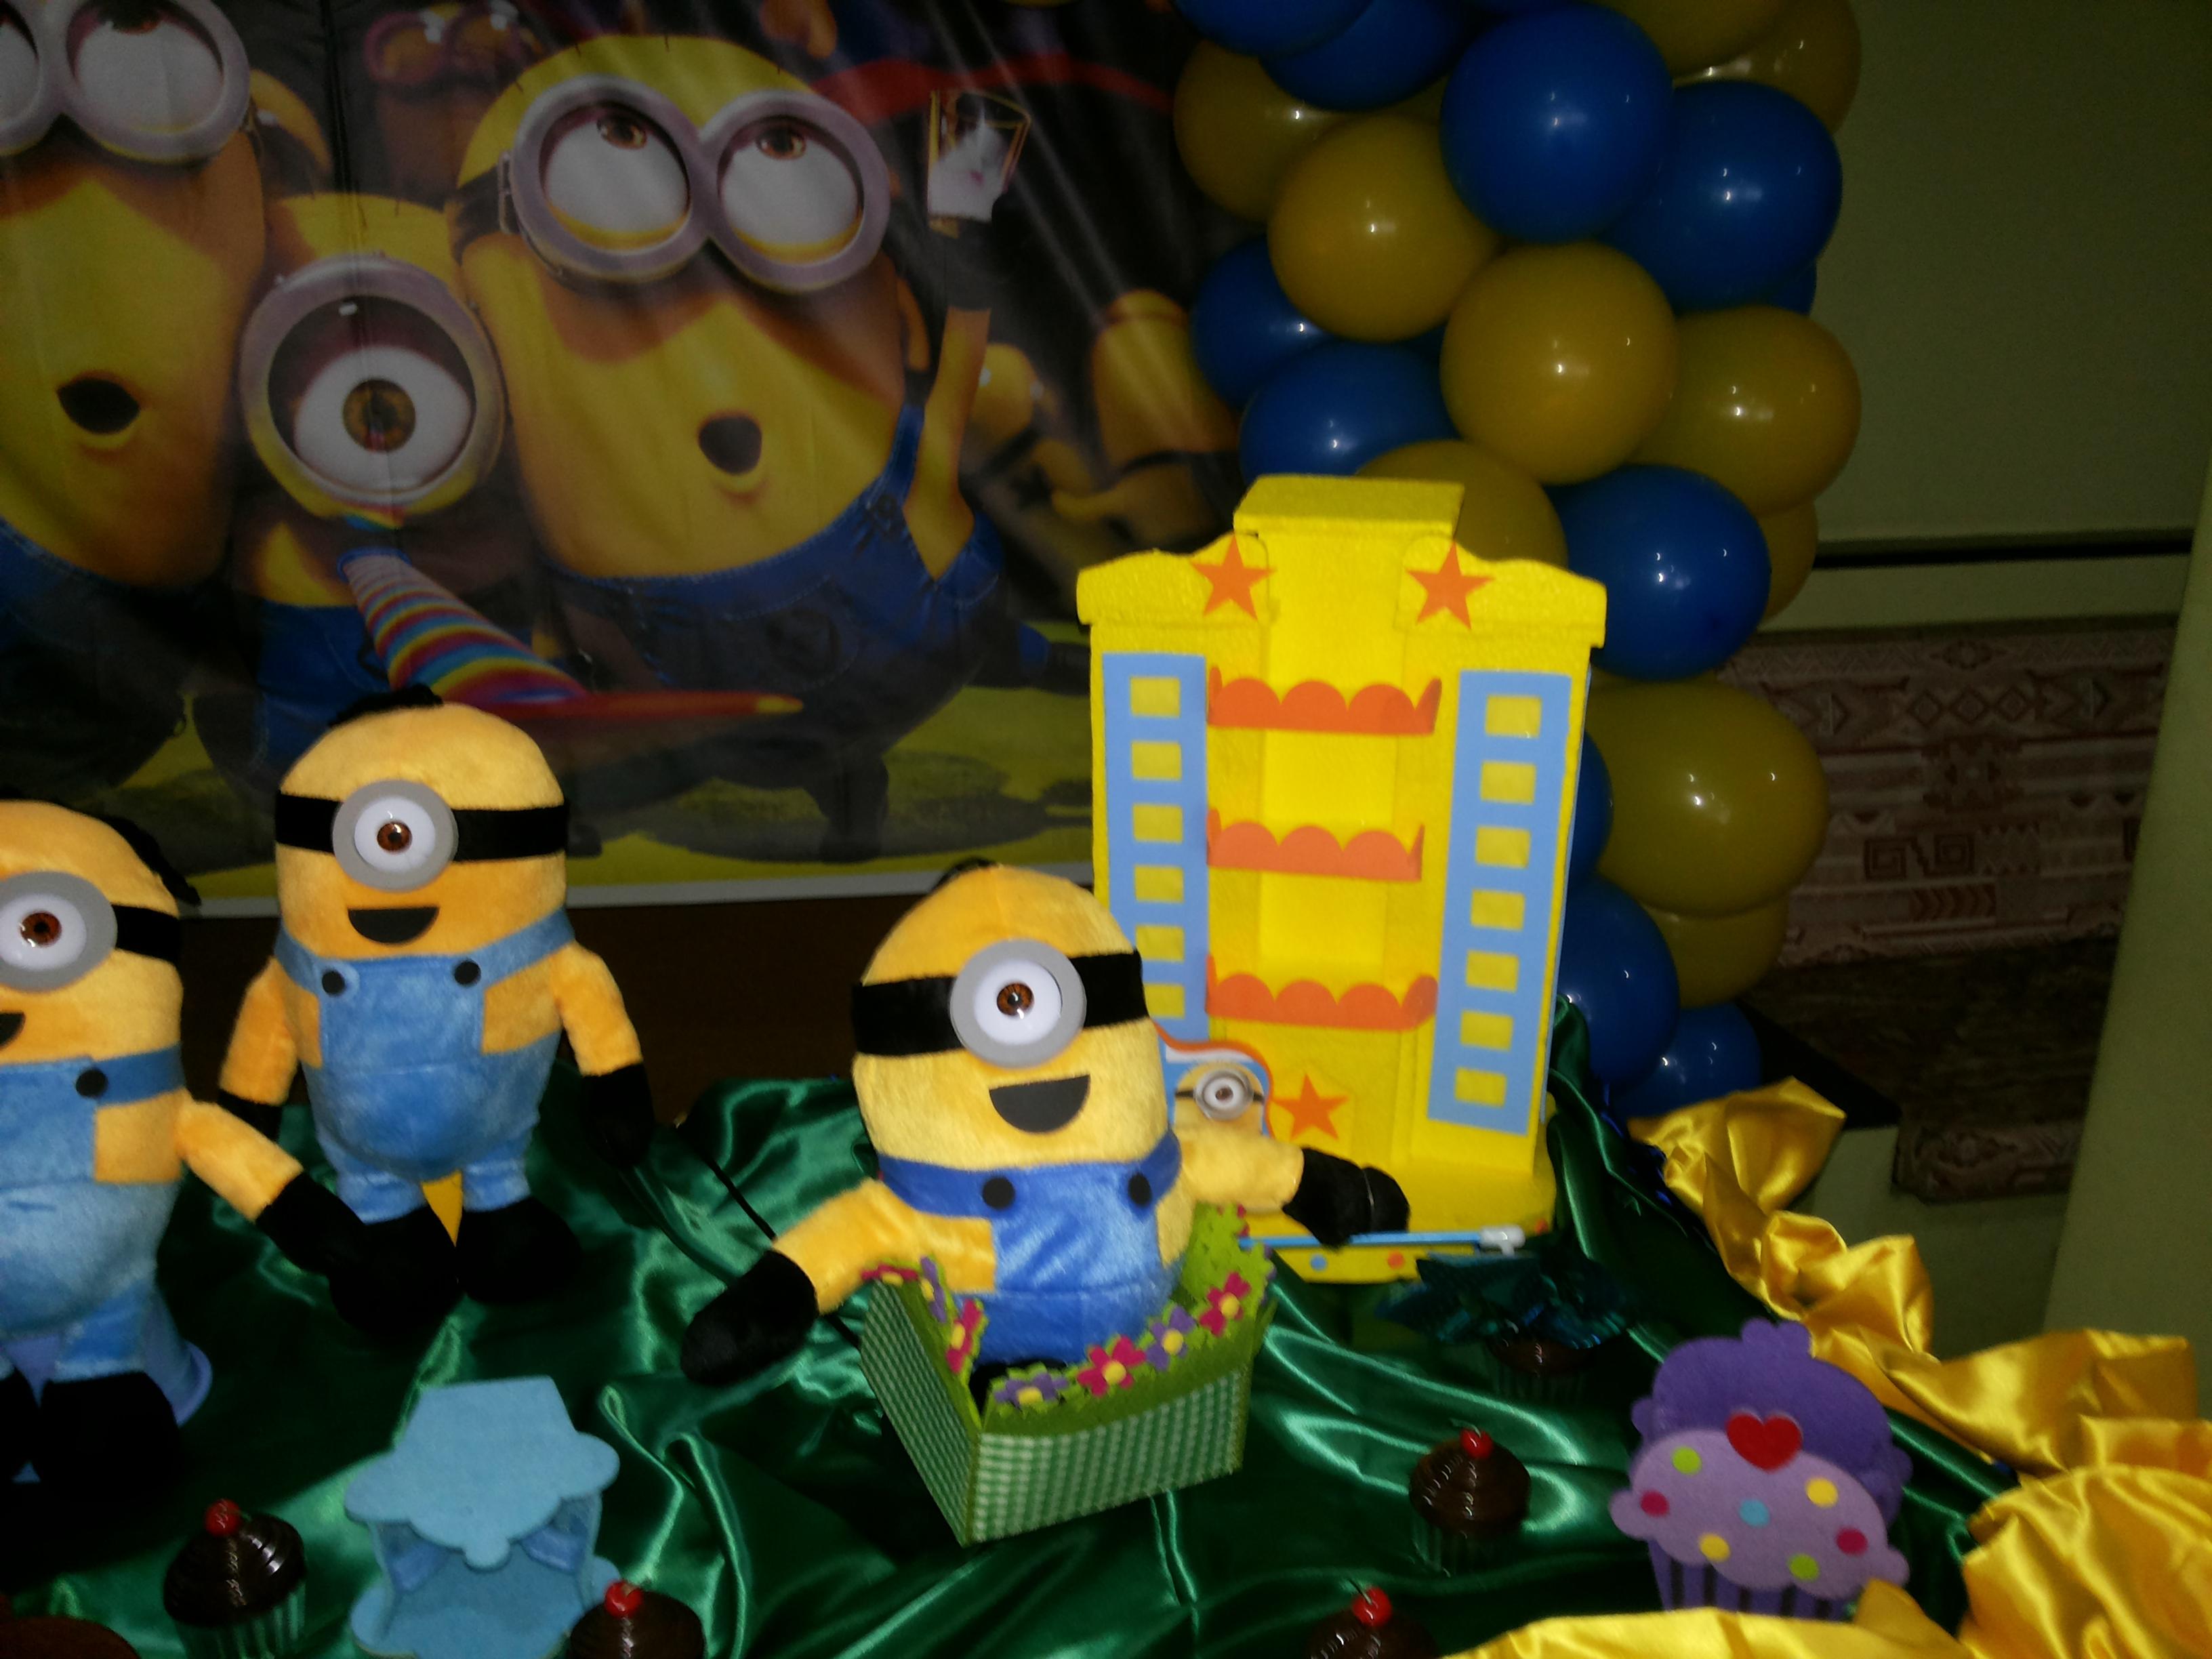 decoracao festa minions : decoracao festa minions:decoracao-de-festa-minions-locacao decoracao-de-festa-minions-malvado